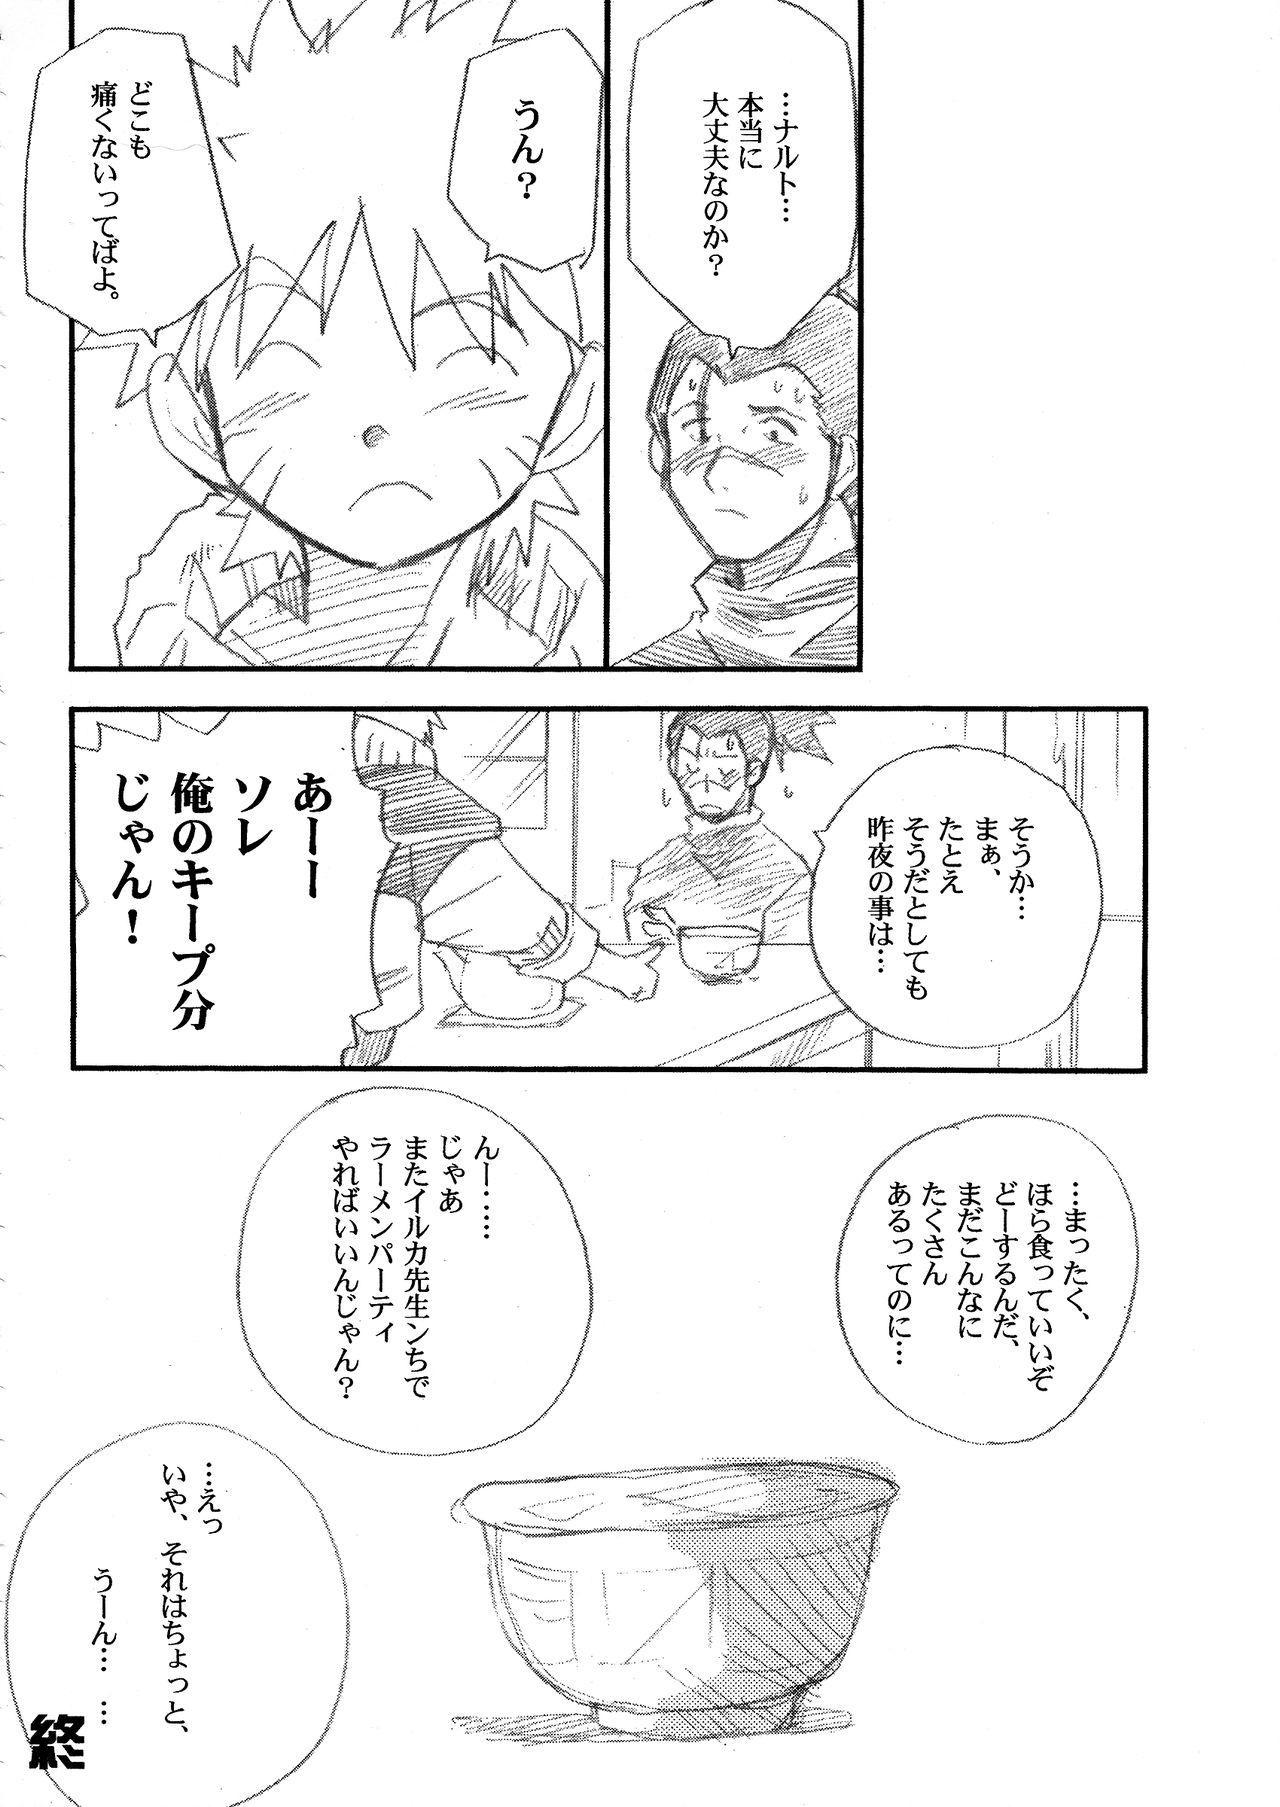 IruNaru no Wadachi 20